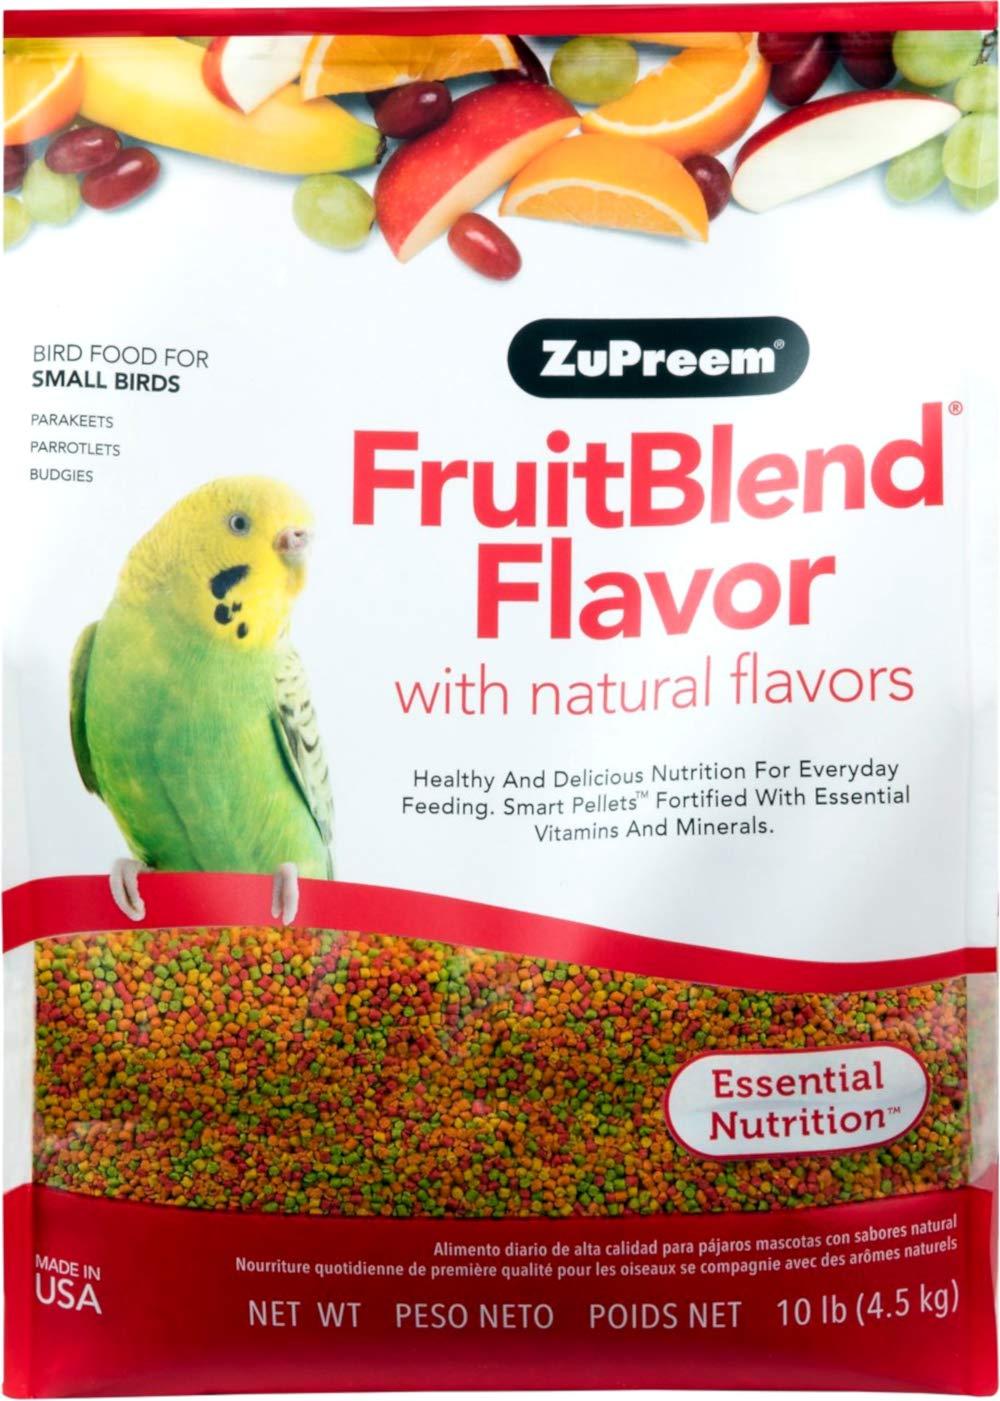 Zupreem Multifrutas Periquitos 45 Kg